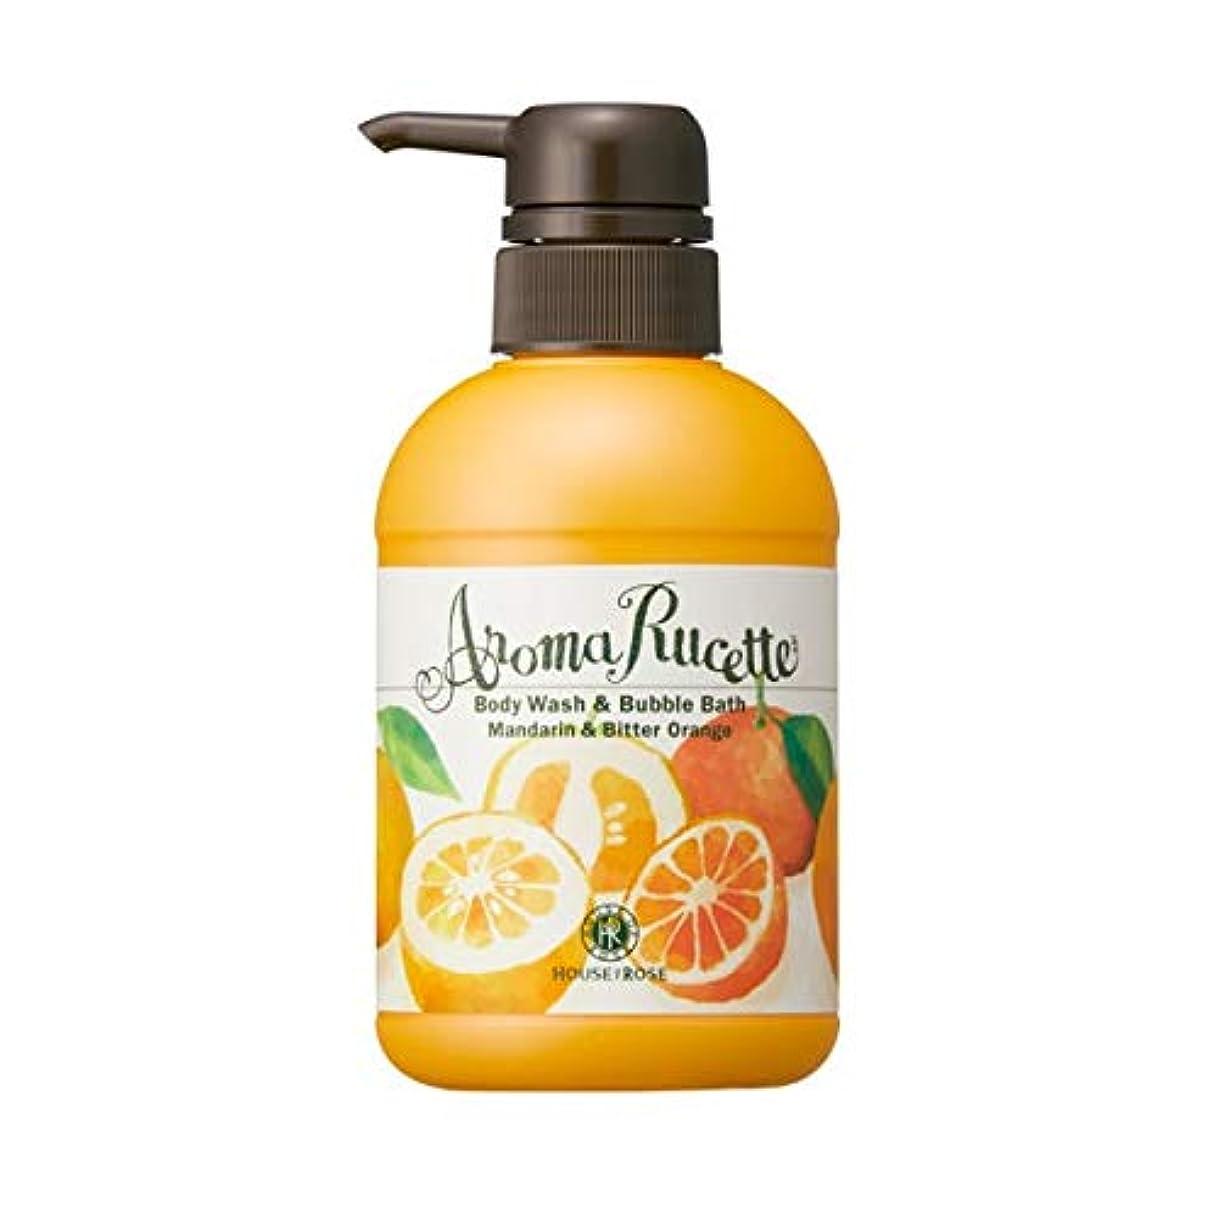 アスレチック織機電化するHOUSE OF ROSE(ハウスオブローゼ) ハウスオブローゼ/アロマルセット ボディウォッシュ&バブルバス MD&BO(マンダリン&ビターオレンジの香り)350mL